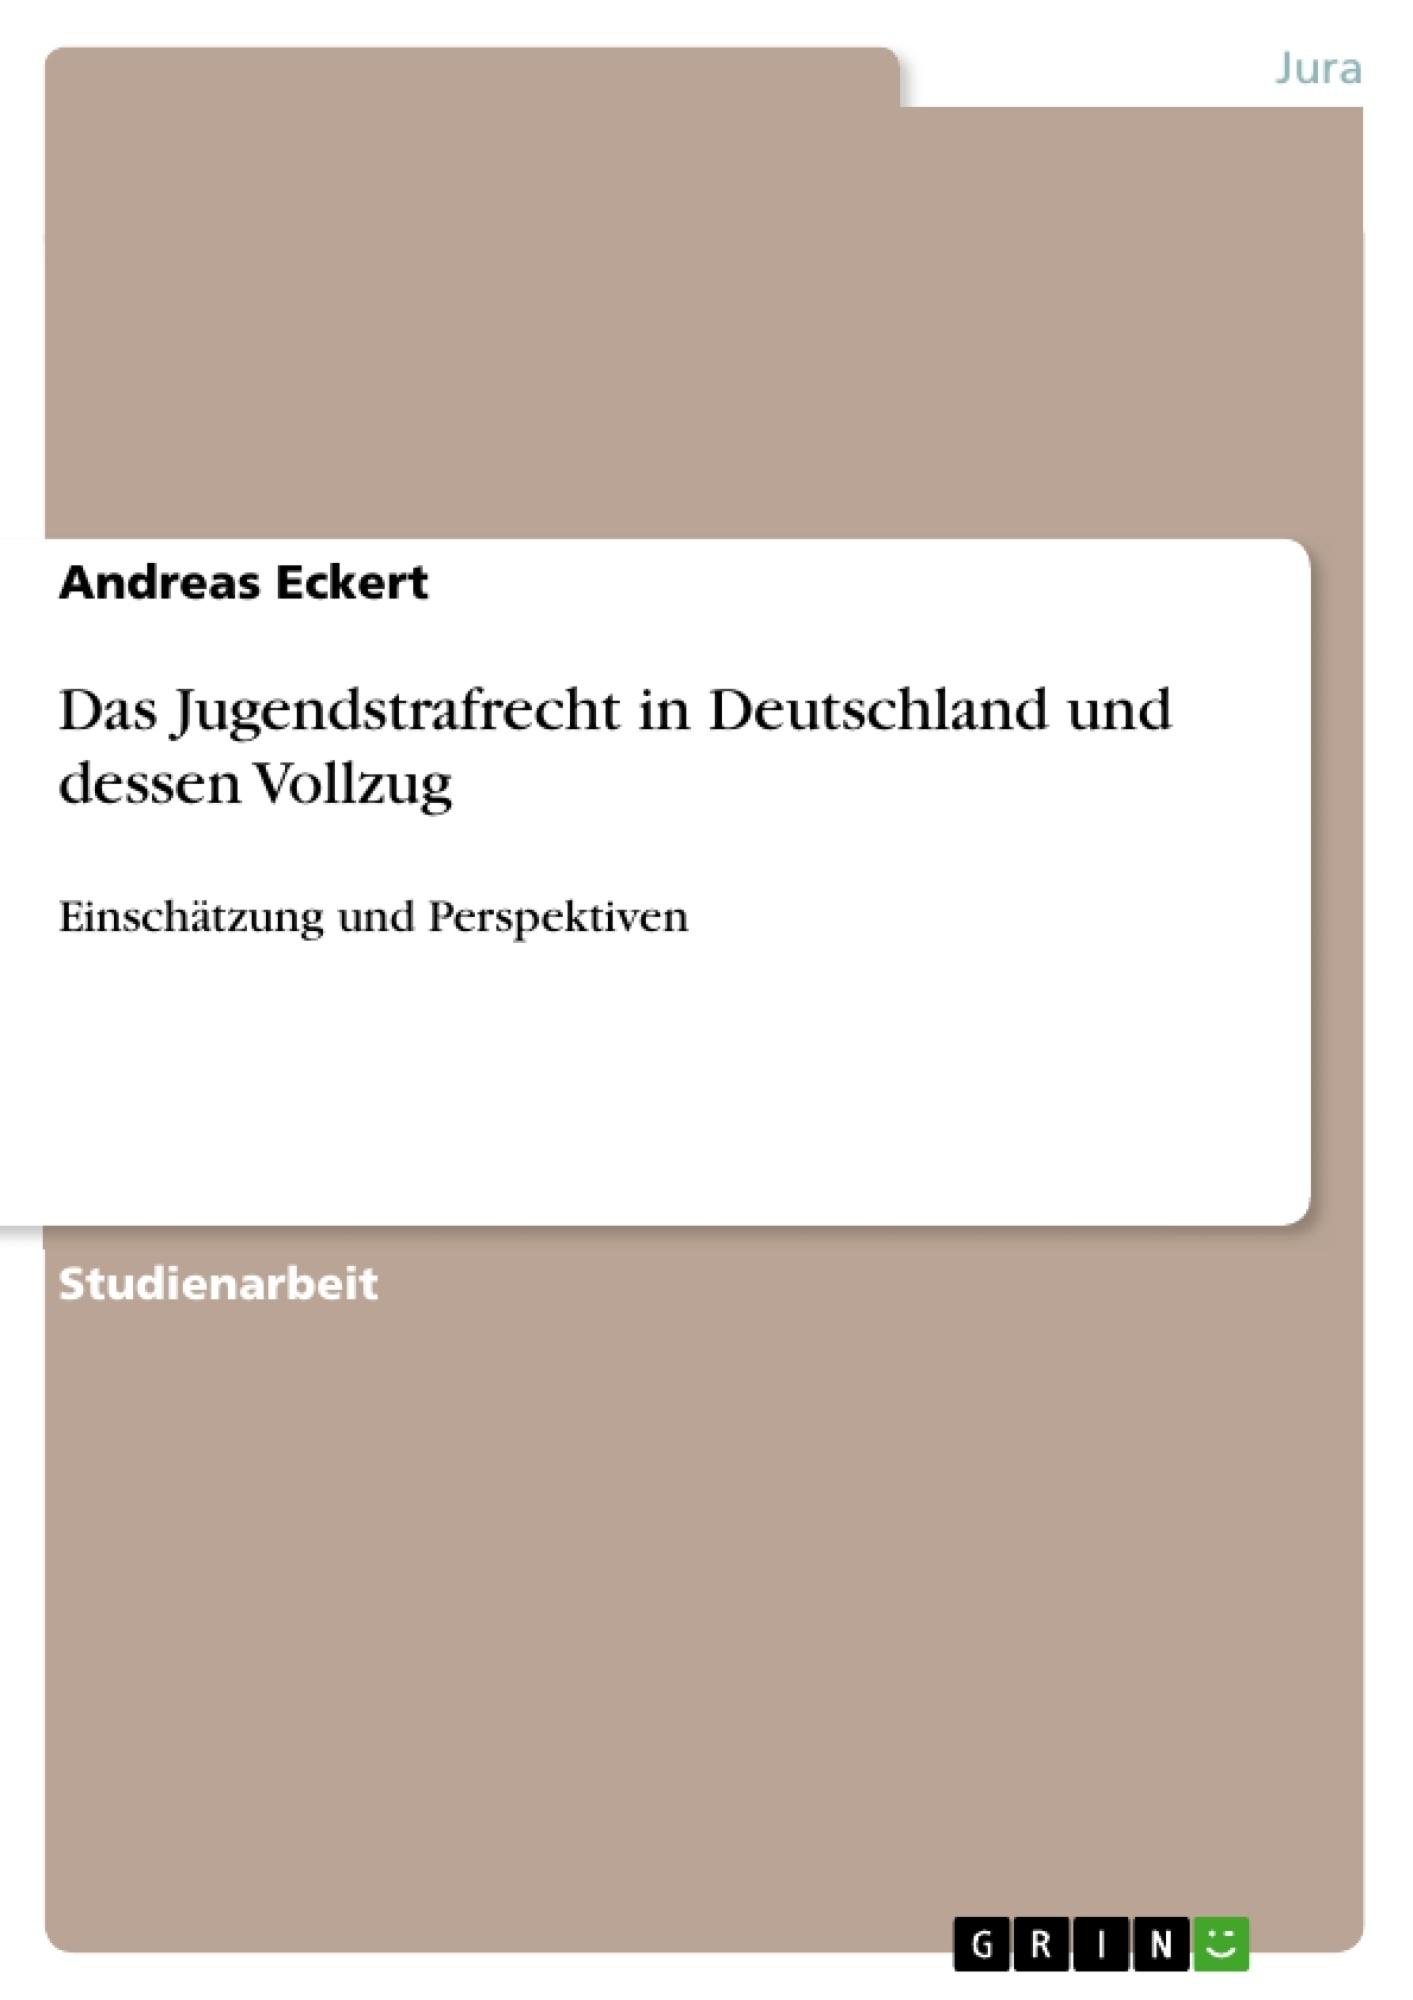 Titel: Das Jugendstrafrecht in Deutschland und dessen Vollzug